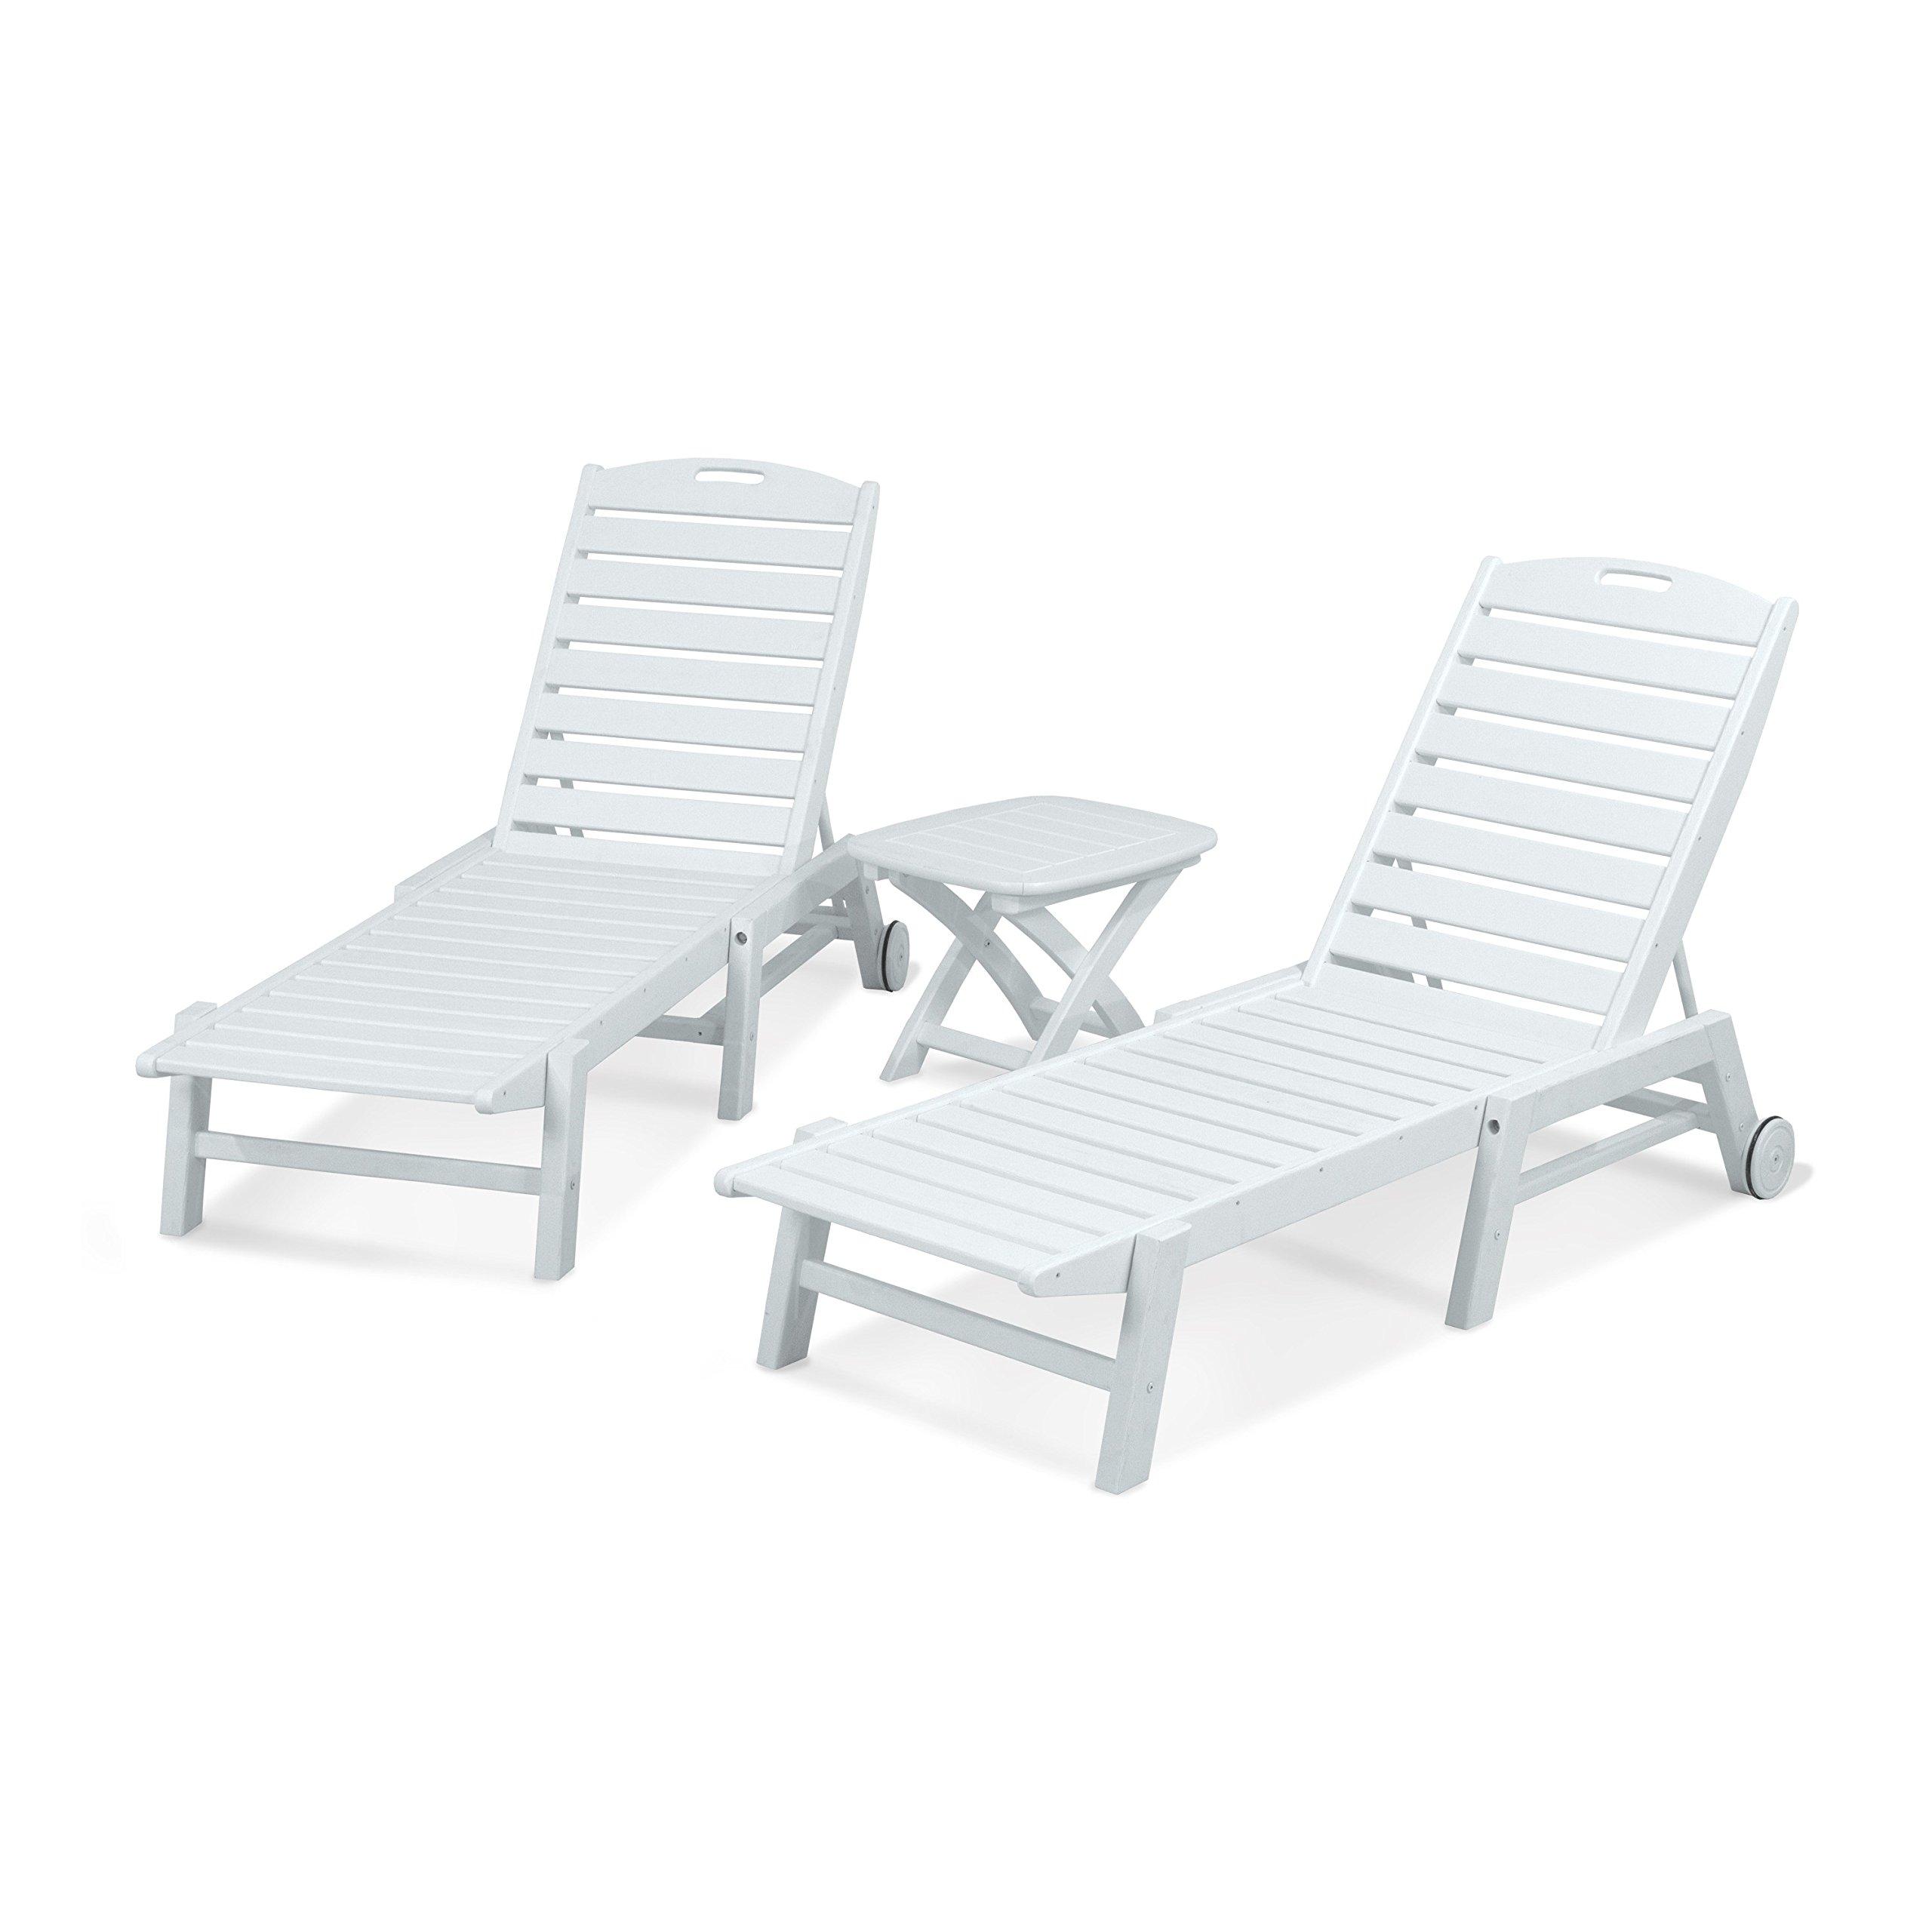 POLYWOOD PWS157-1-WH Nautical 3-Piece Chaise Set, White